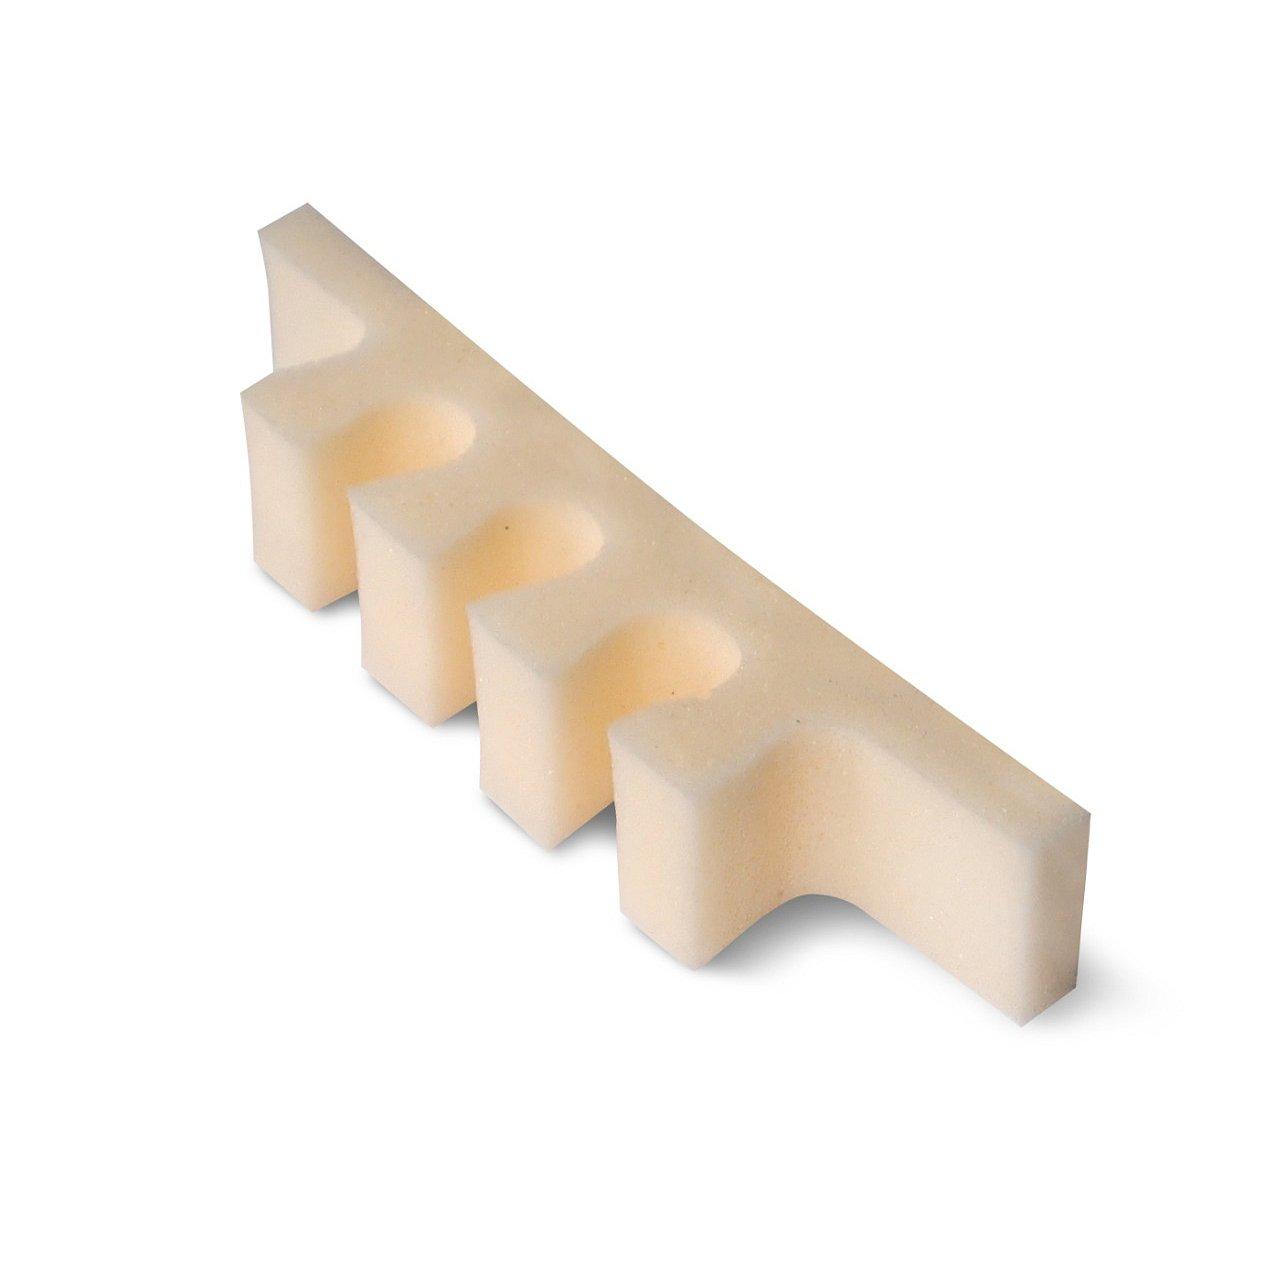 Svorto 039 Podložka prstů – hřeben vel. 34–37 (1) 2 ks